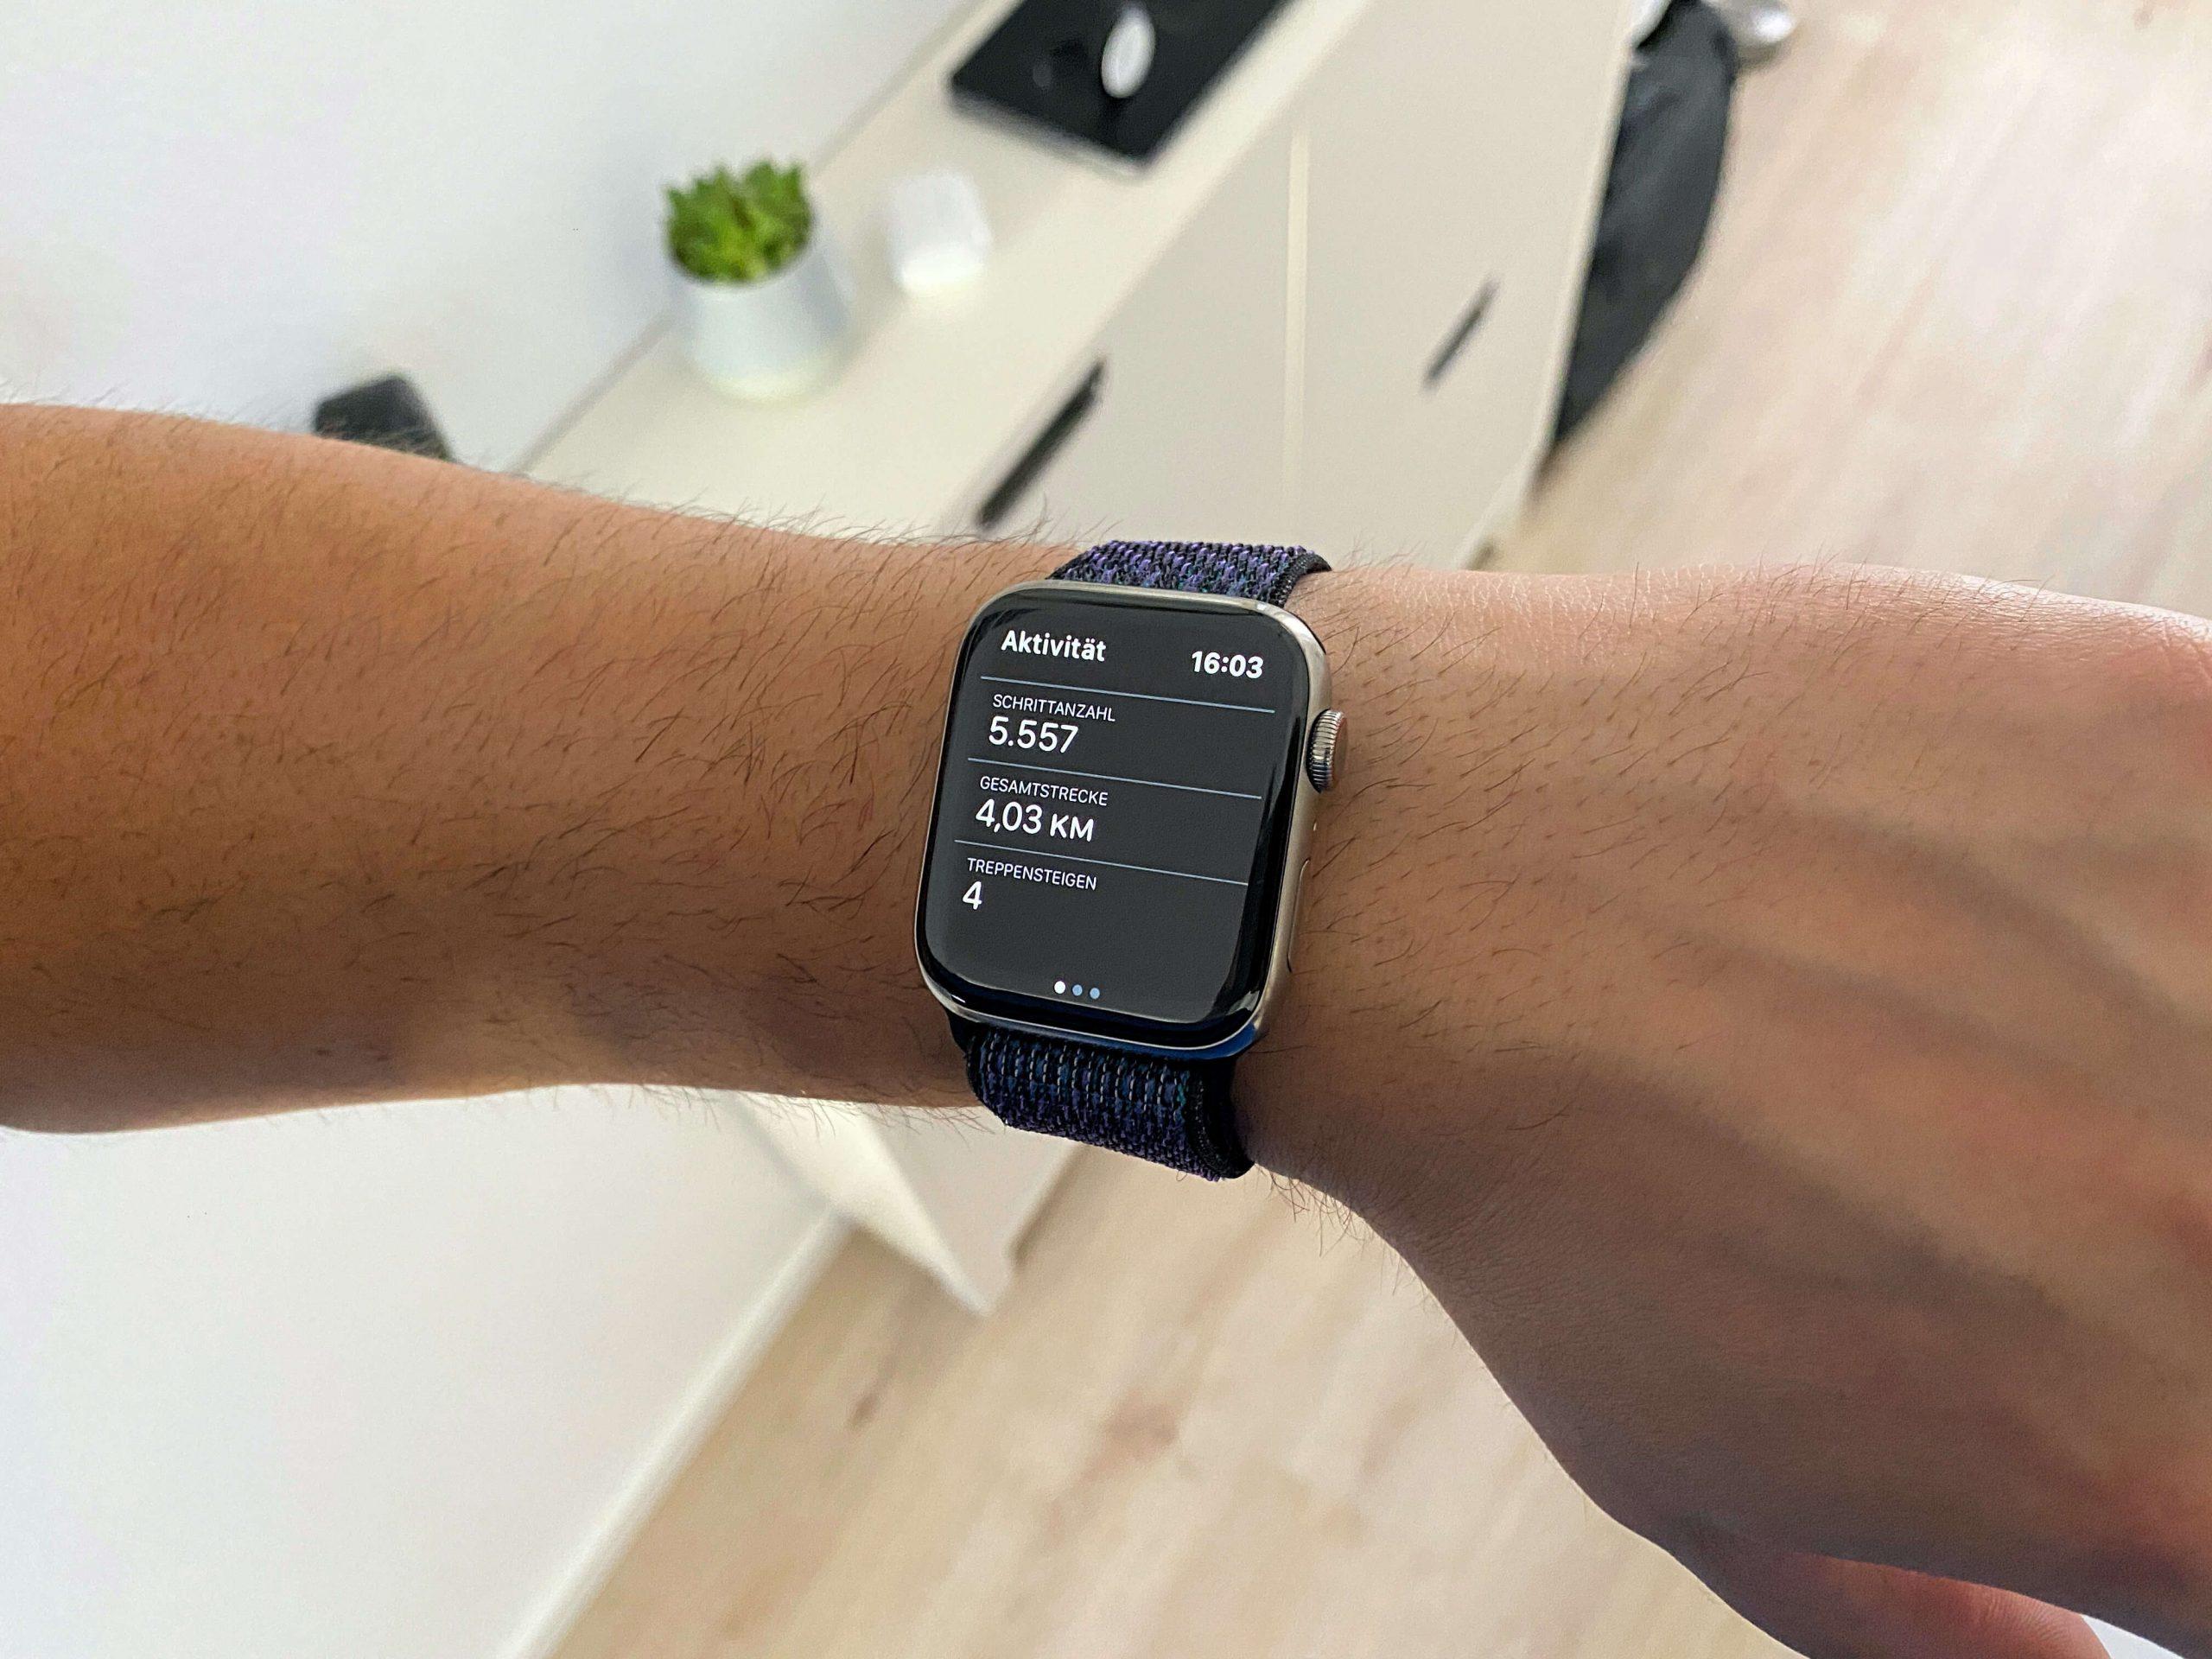 Apple_Watch_Unsichtbare_Bewegungsmuster_kolumne_Artikelbild-scaled Unsichtbare Bewegungsmuster